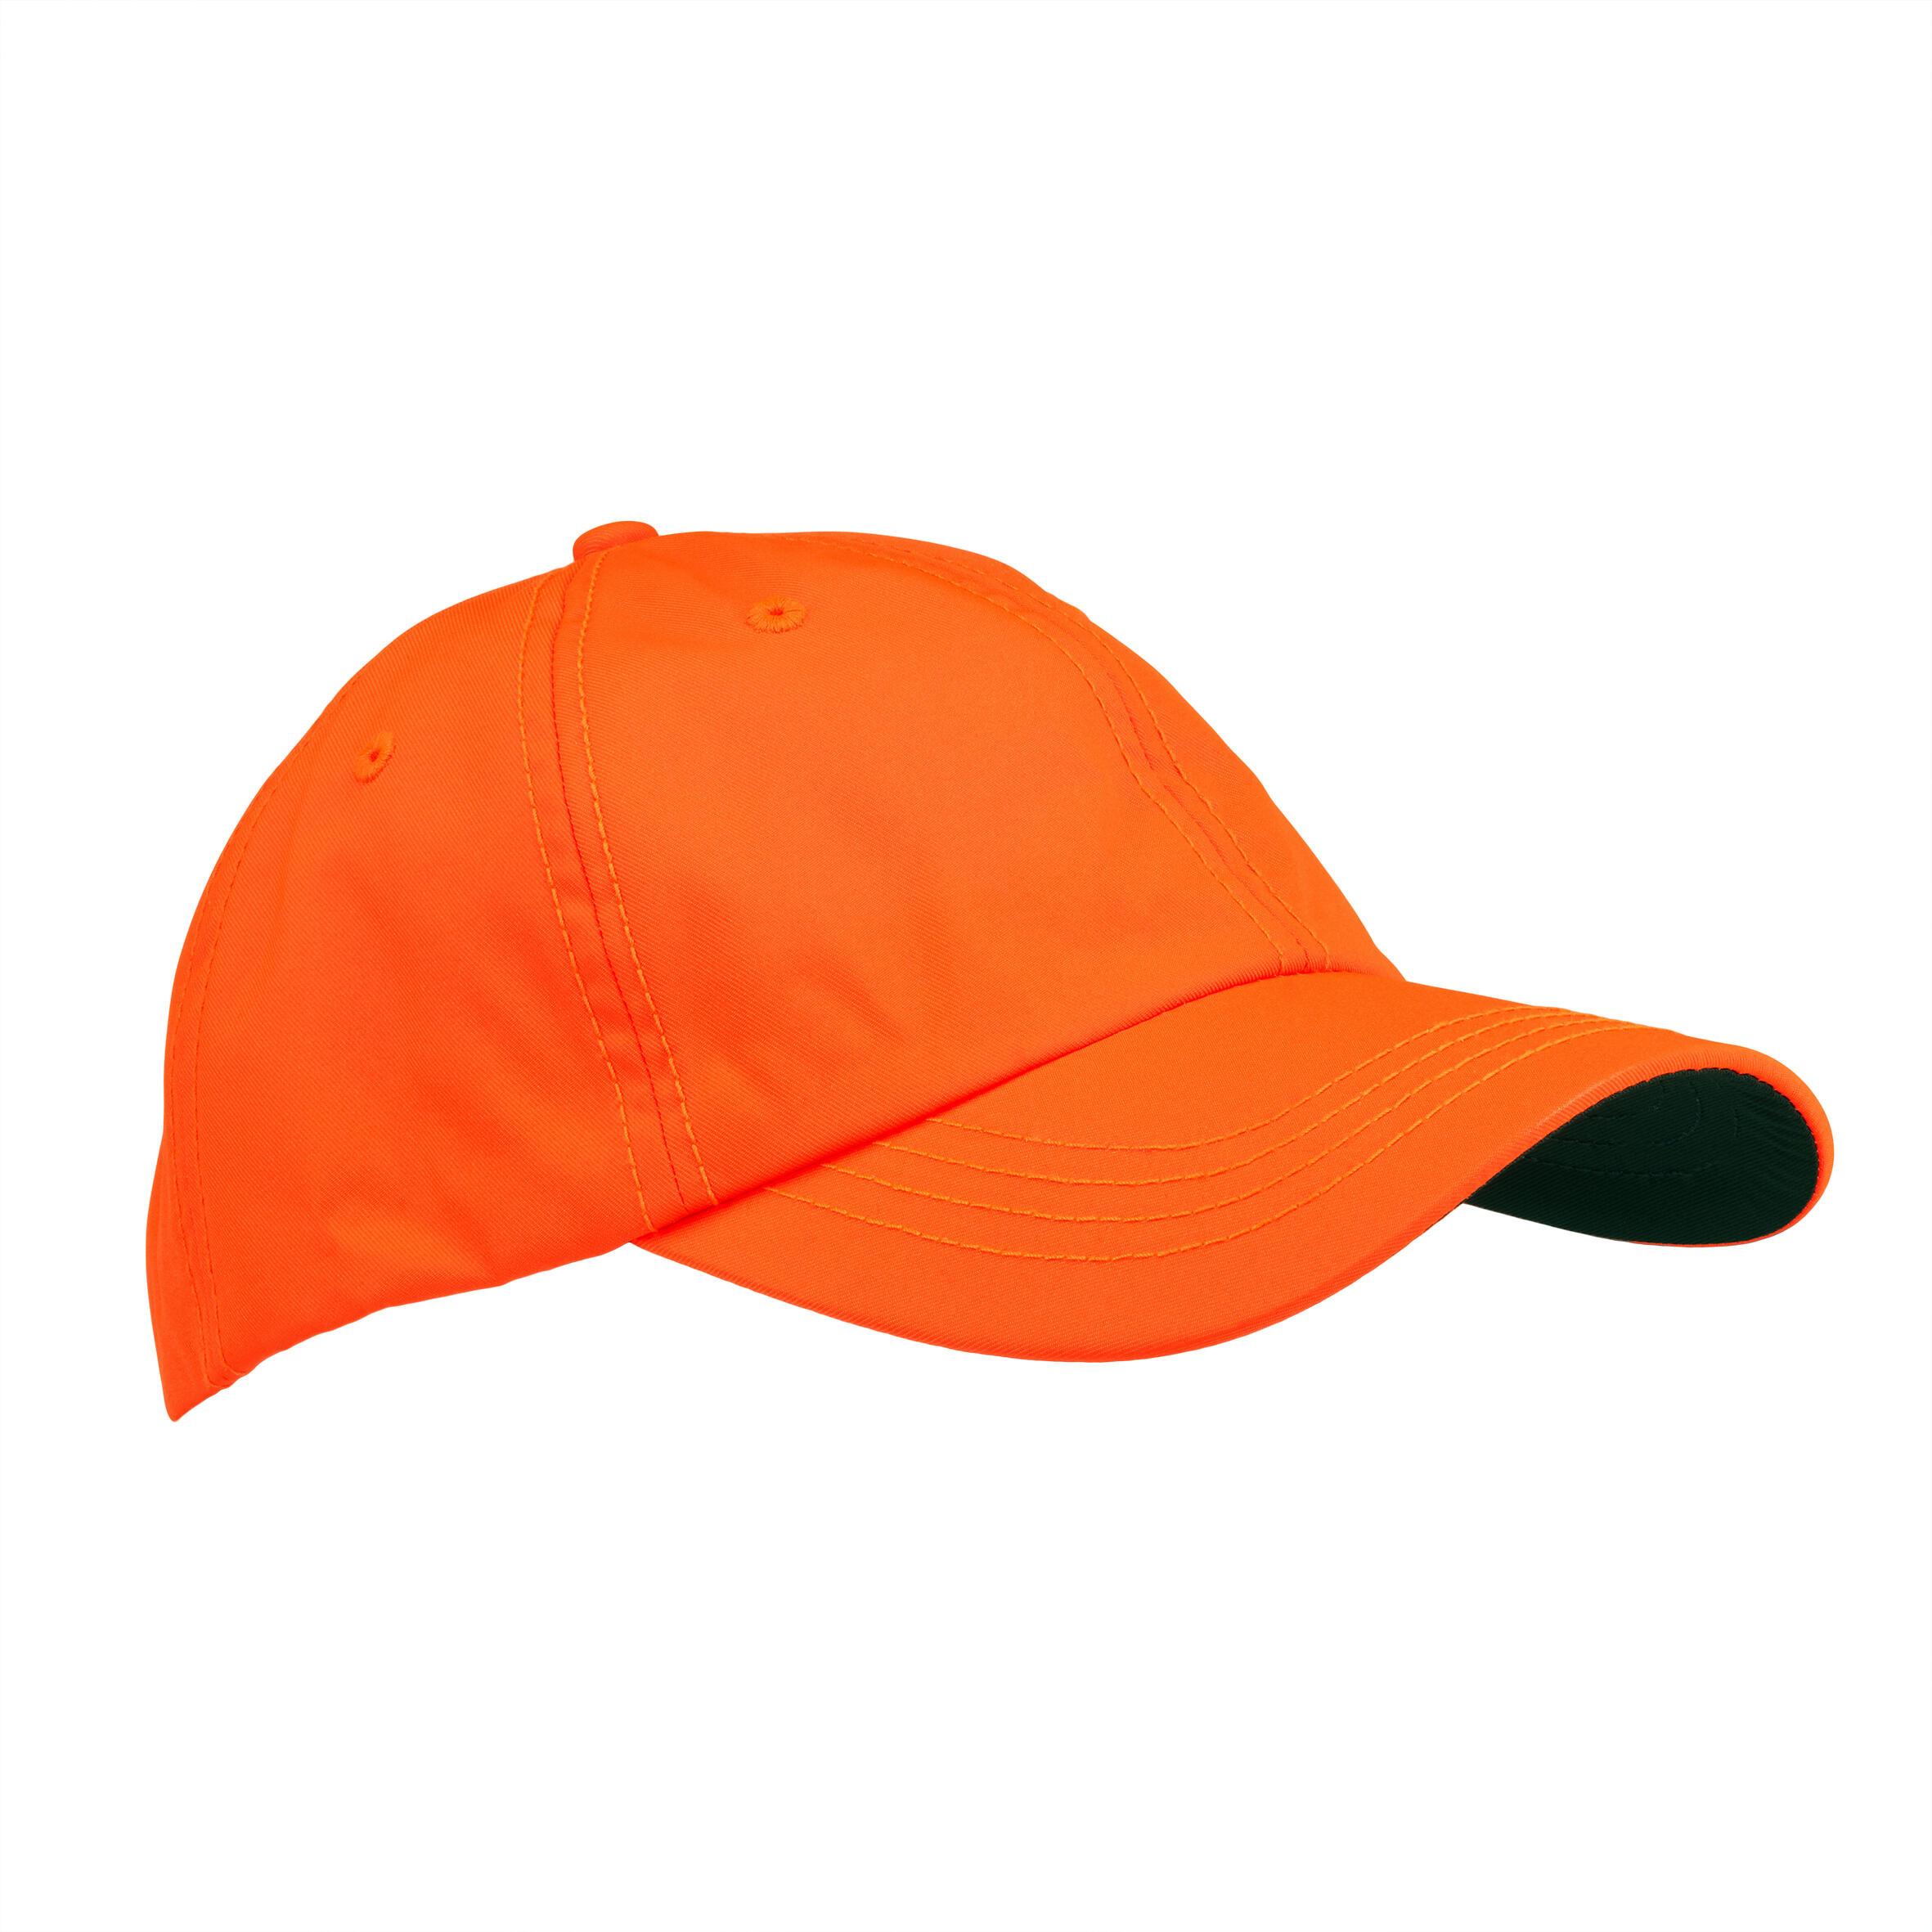 Şapcă vânătoare 100